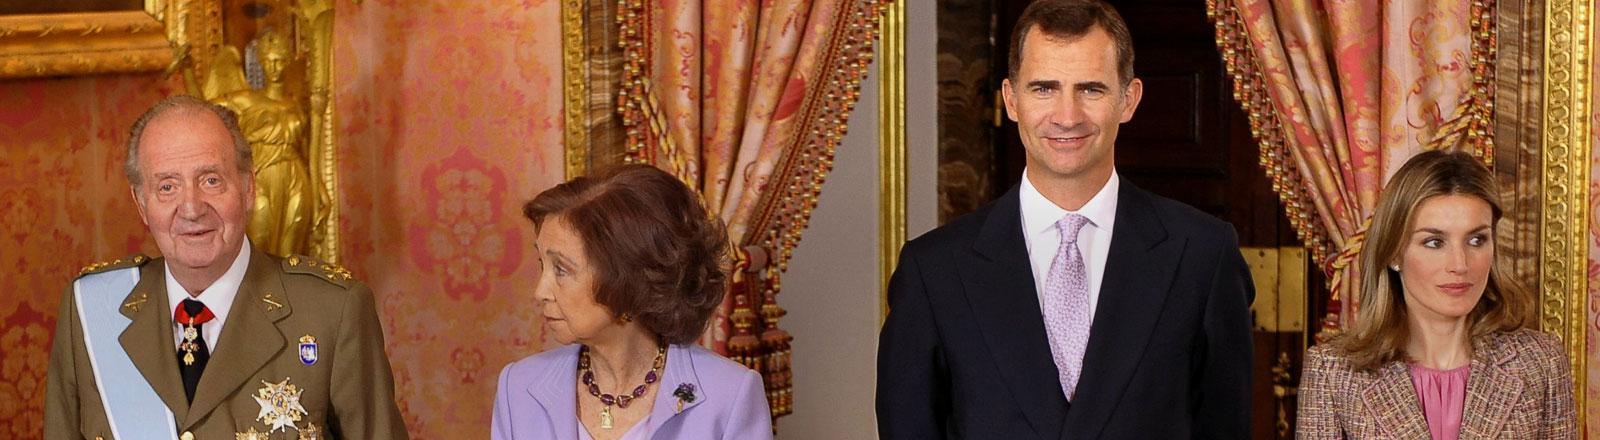 König Juan Carlos, Königin Sofia, Kronprinz Felipe und Kronprinzessin Letizia von Spanien